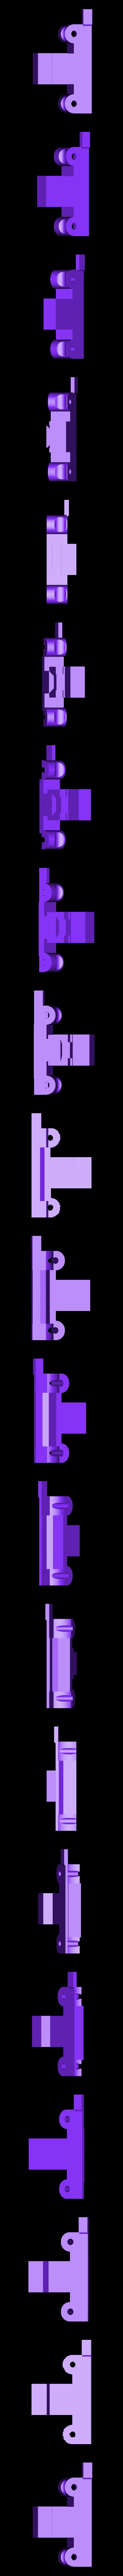 FanMount_B_Handle.stl Télécharger fichier STL gratuit Zmorph 2.0 (S) Système de refroidissement • Modèle pour impression 3D, kpawel